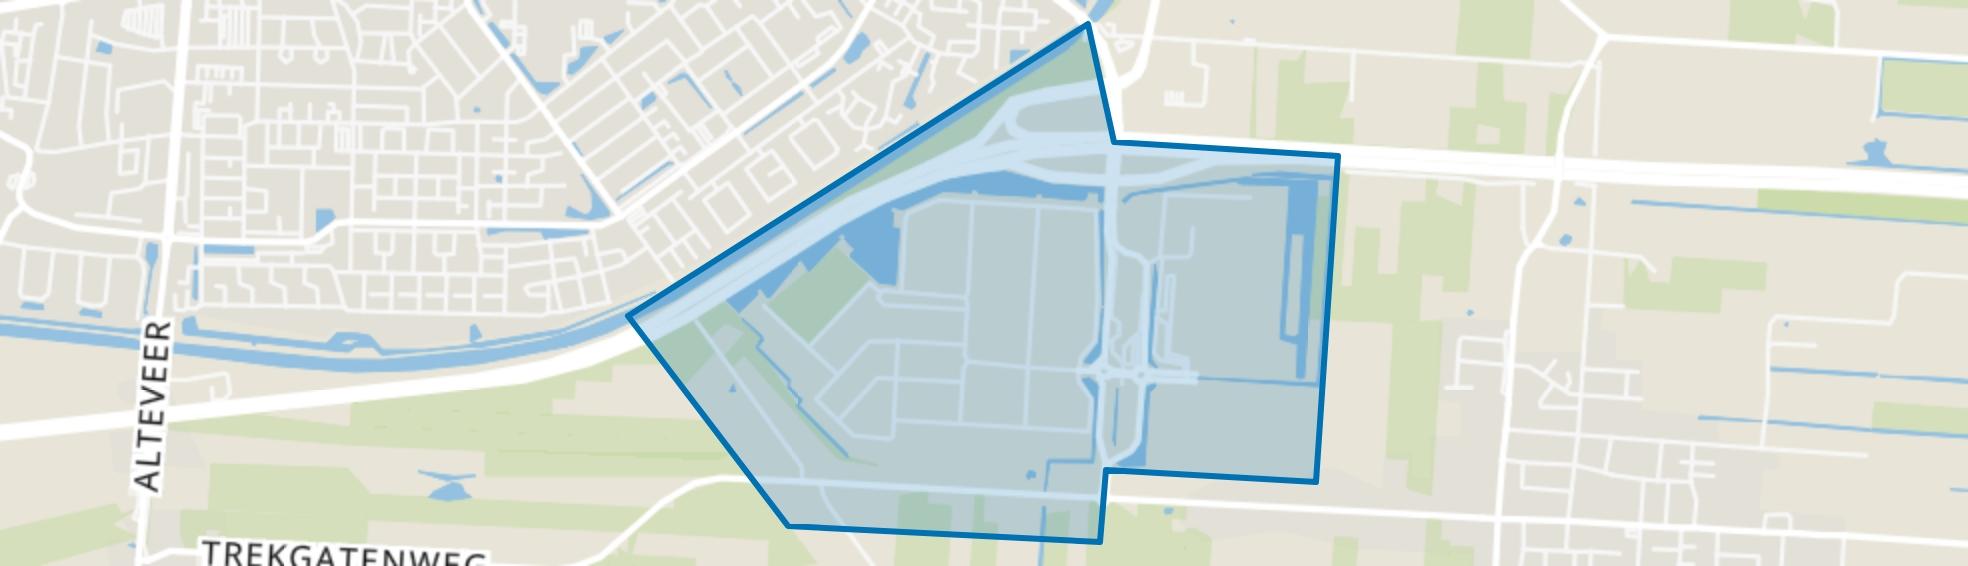 Industriegebied Buitenvaart, Hoogeveen map